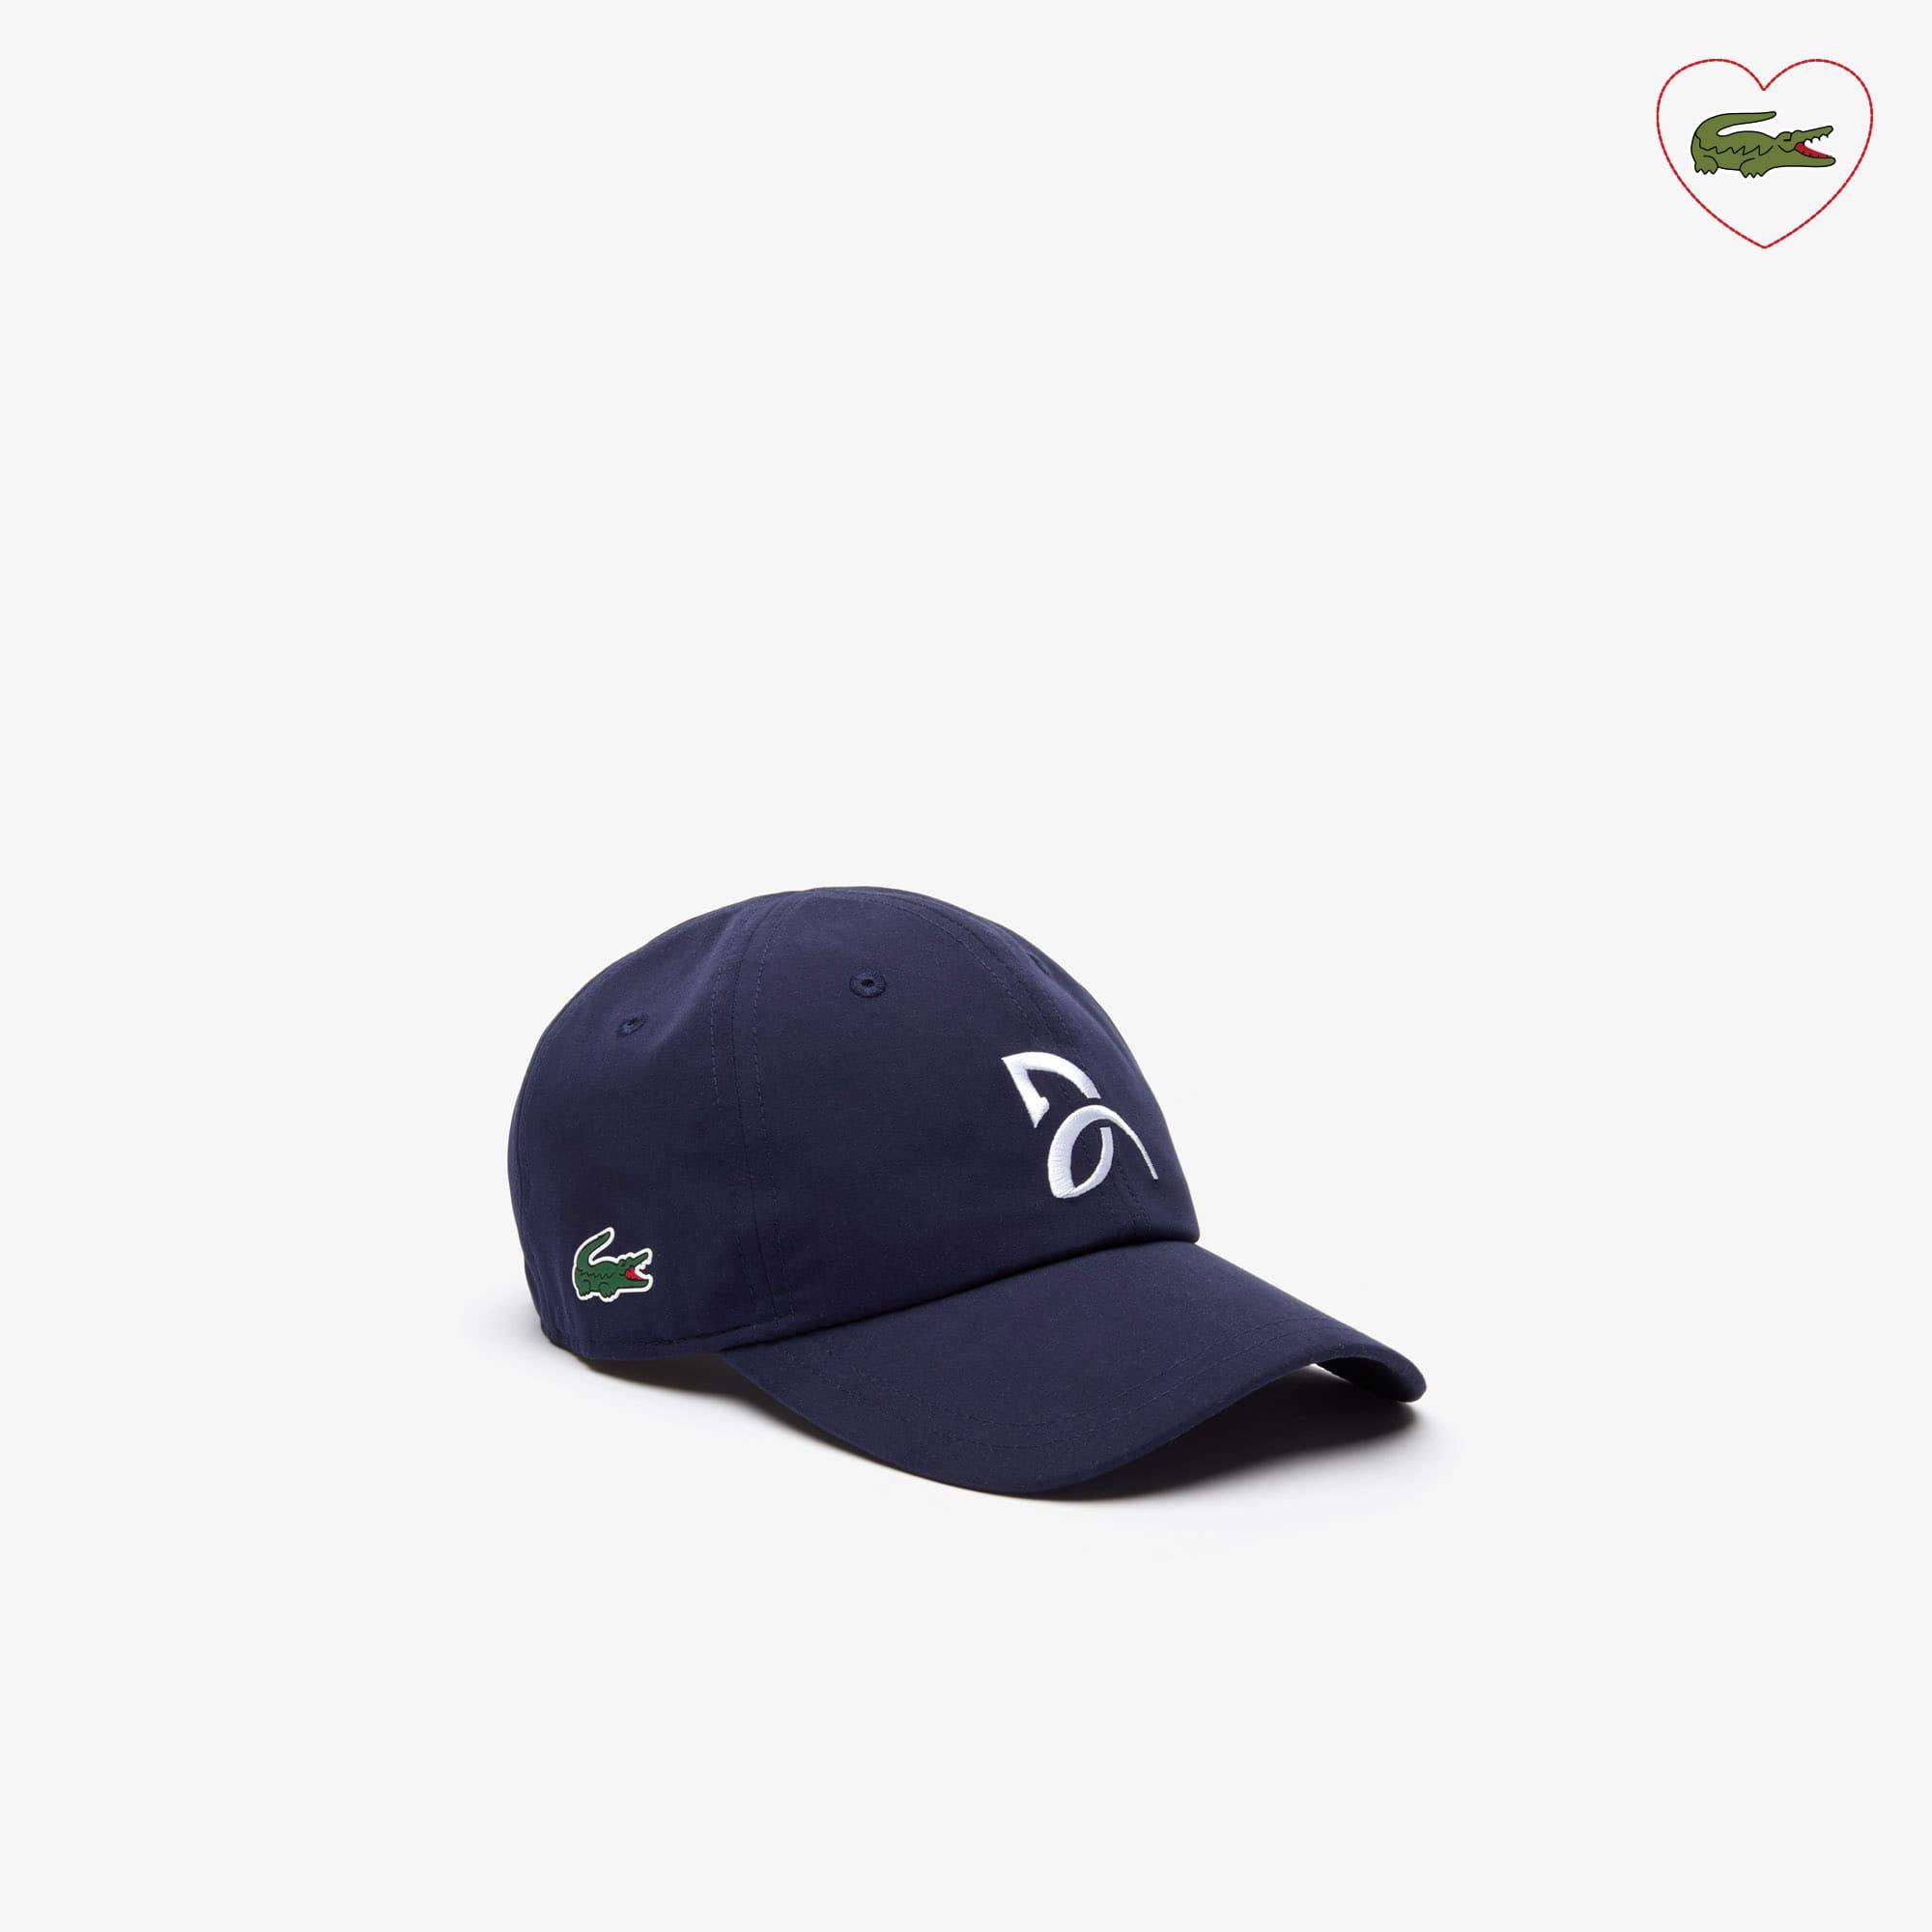 라코스테 Lacoste Mens Sport Tennis Microfiber Cap - Support With Style Collection for Novak Djokovic,navy blue